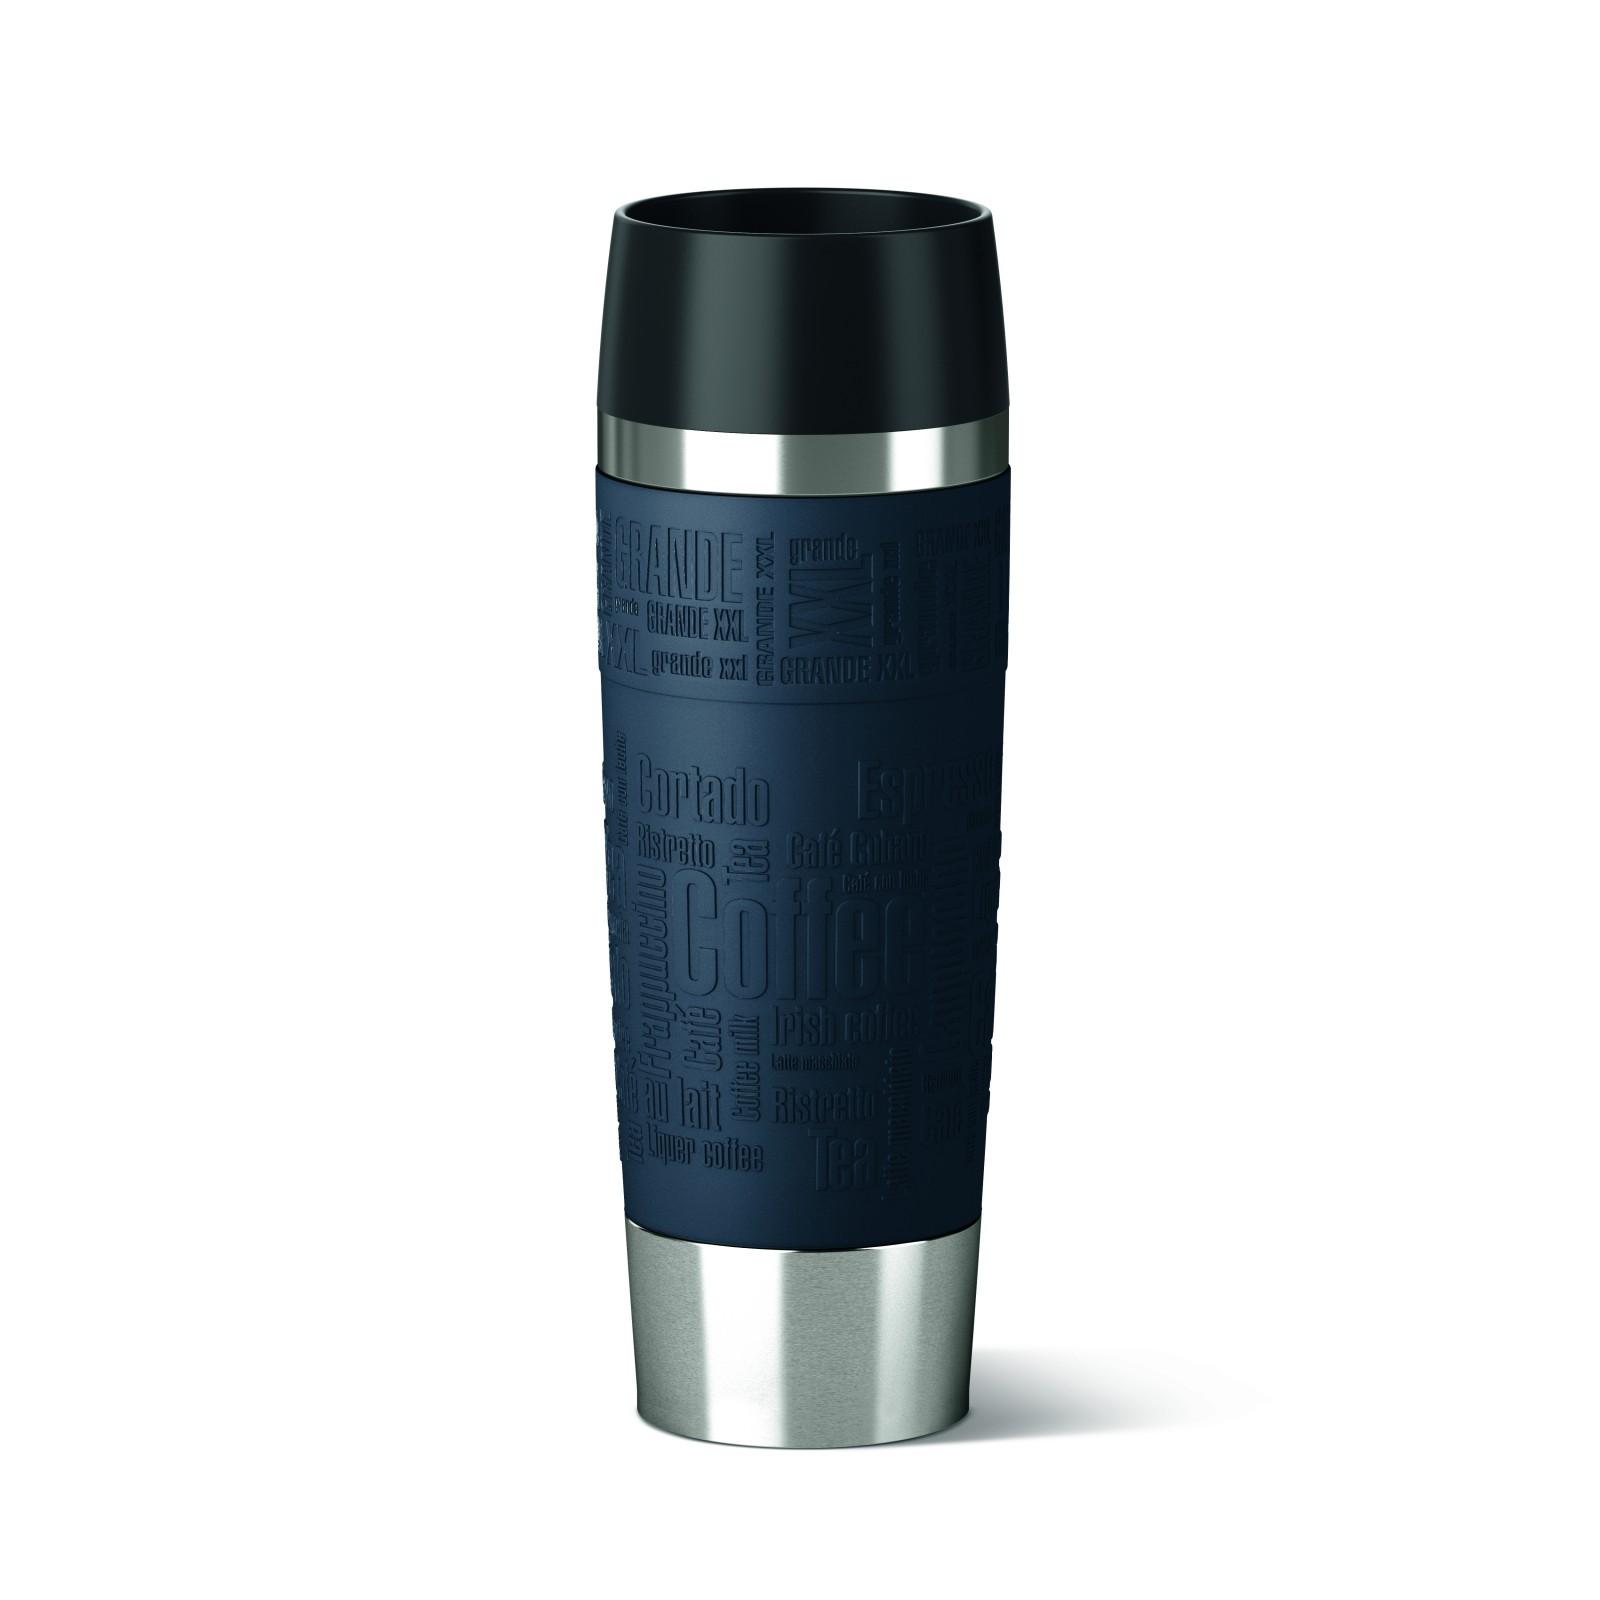 Термокружка 0,5 л. TRAVEL MUG GRANDEТермокружка изготовлена из высококачественной стали. Она отлично держит температуру вашего напитка в течение длительного времени. Вы сможете взять свой напиток с собой в дорогу и пить его где бы вы не находились.<br>